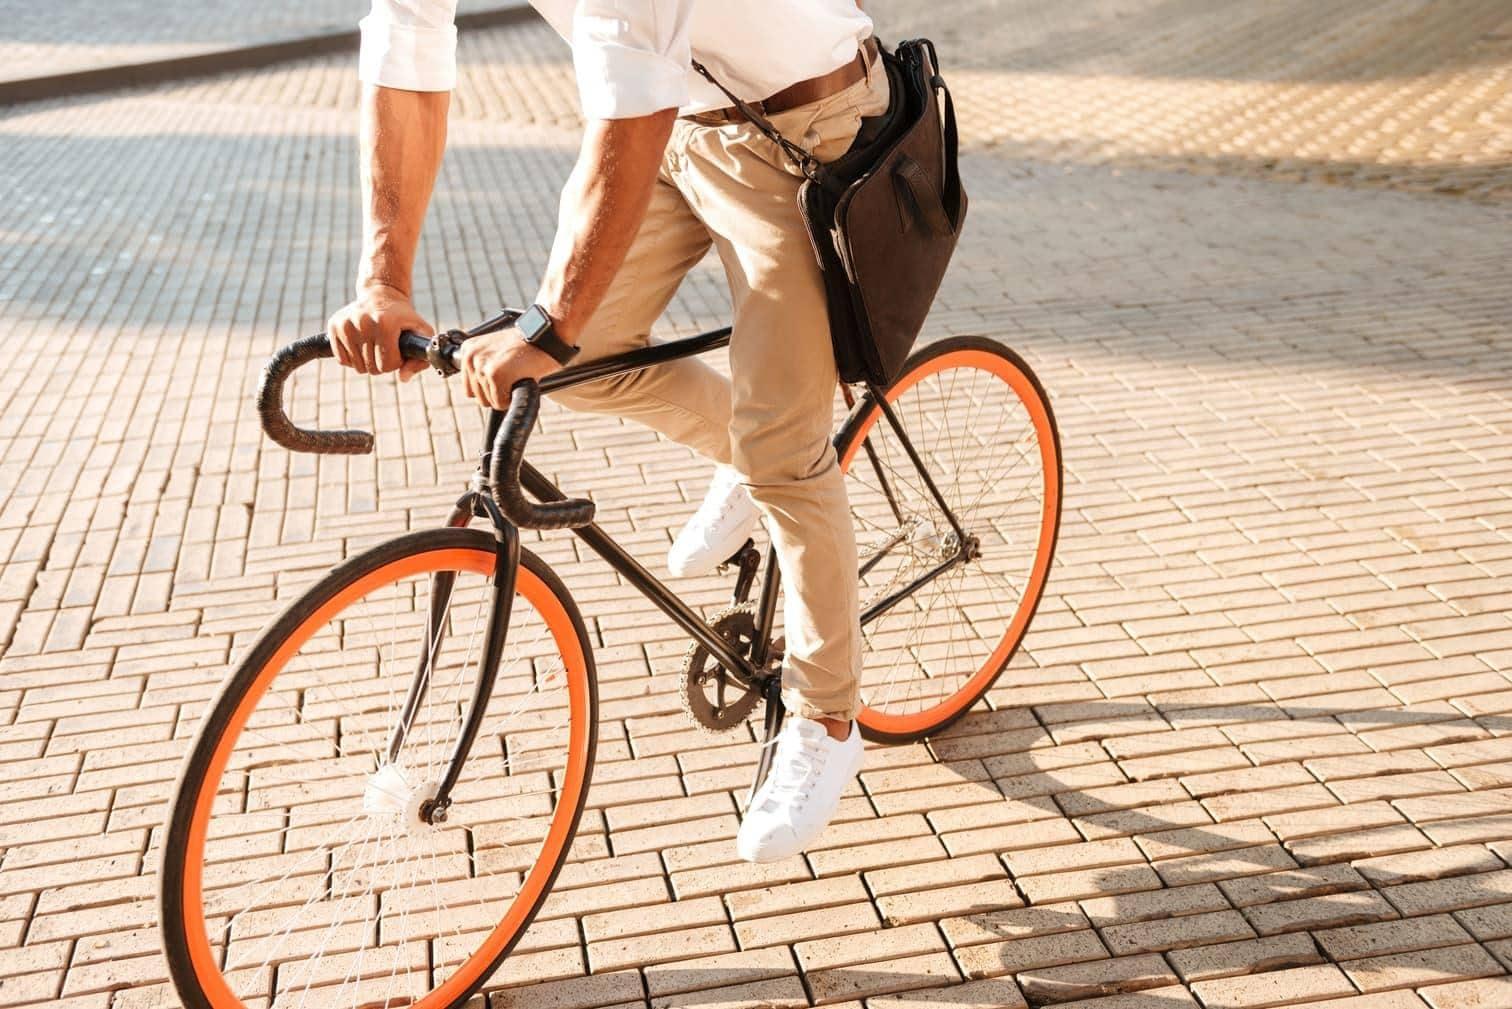 Morgens um 8.15 Uhr: Jugendlicher wirft geklautes Fahrrad nach Mann und beleidigt Polizisten